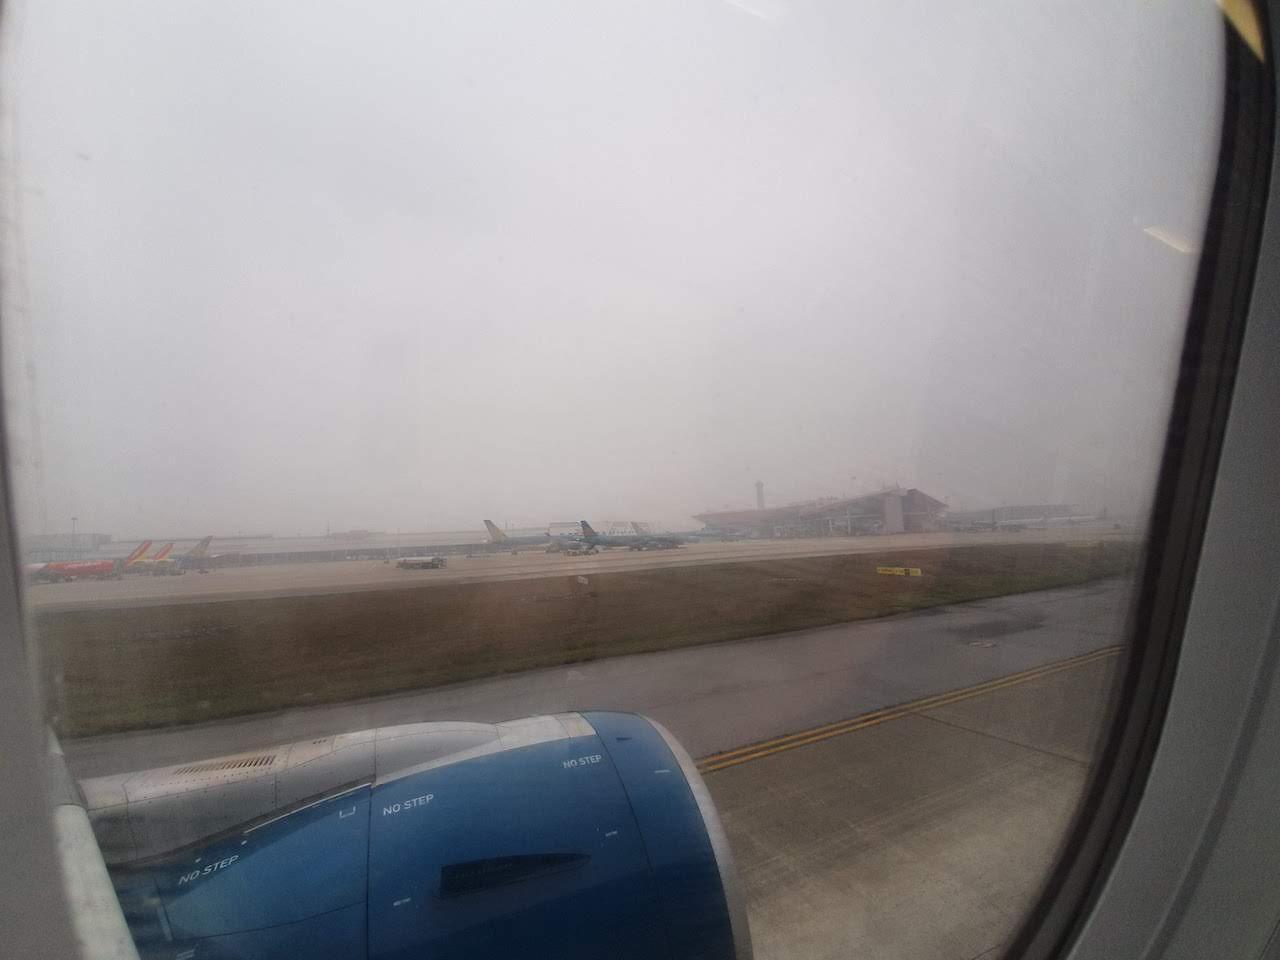 arriving at nobai airport